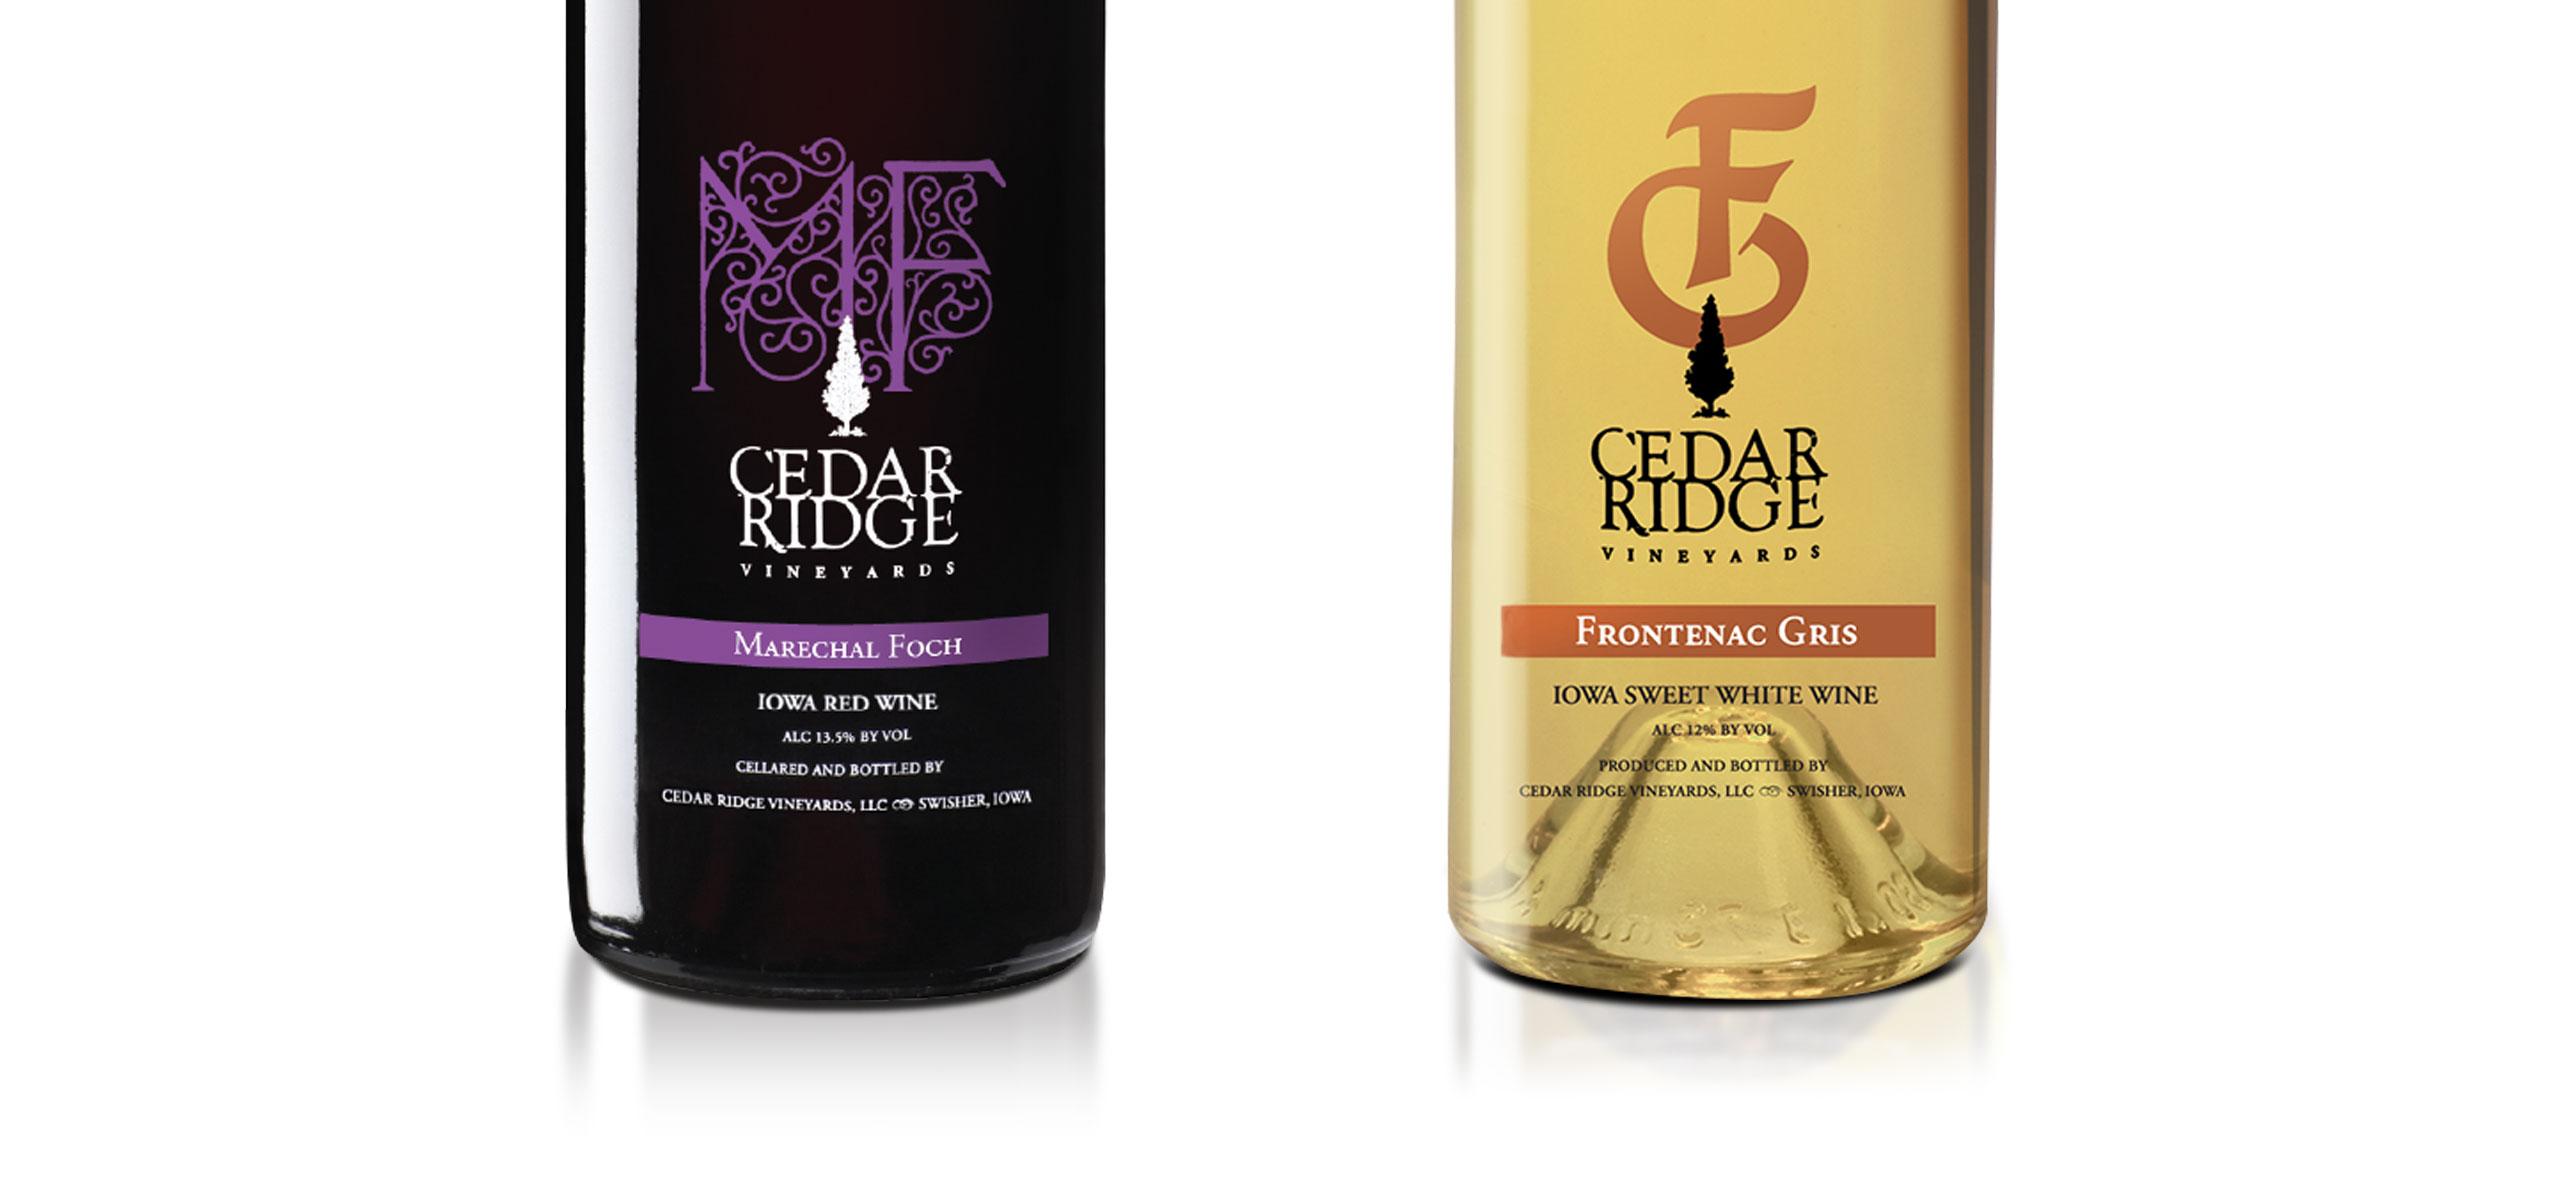 Cedar Ridge wine labels on bottles